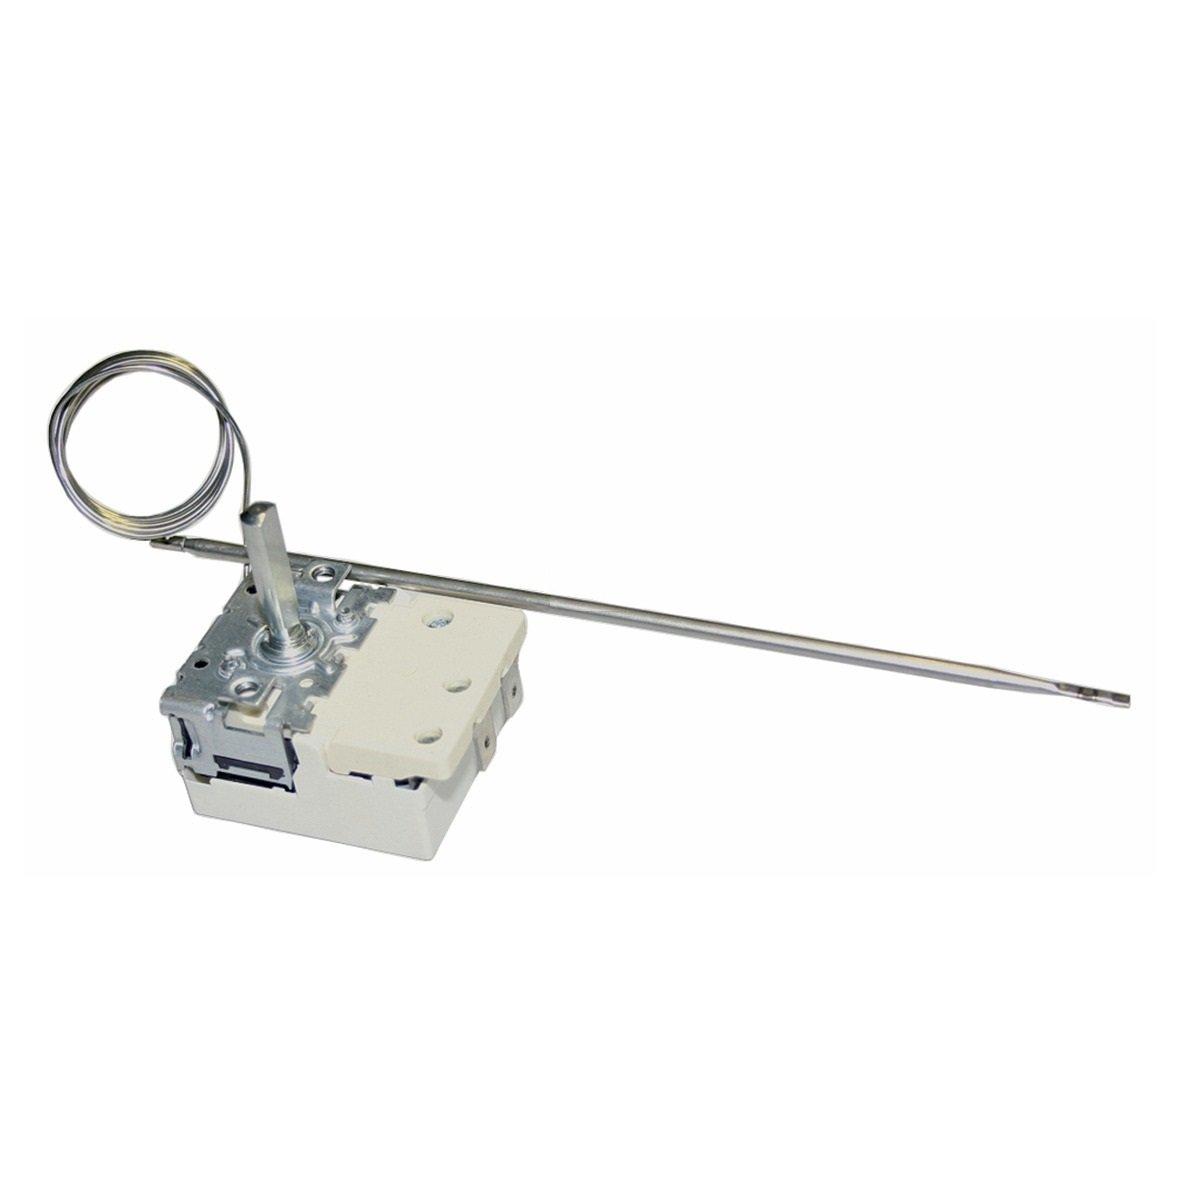 EGO 55.18052.100 Thermostat Backofen Ofen Electrolux AEG 330171310 Europart